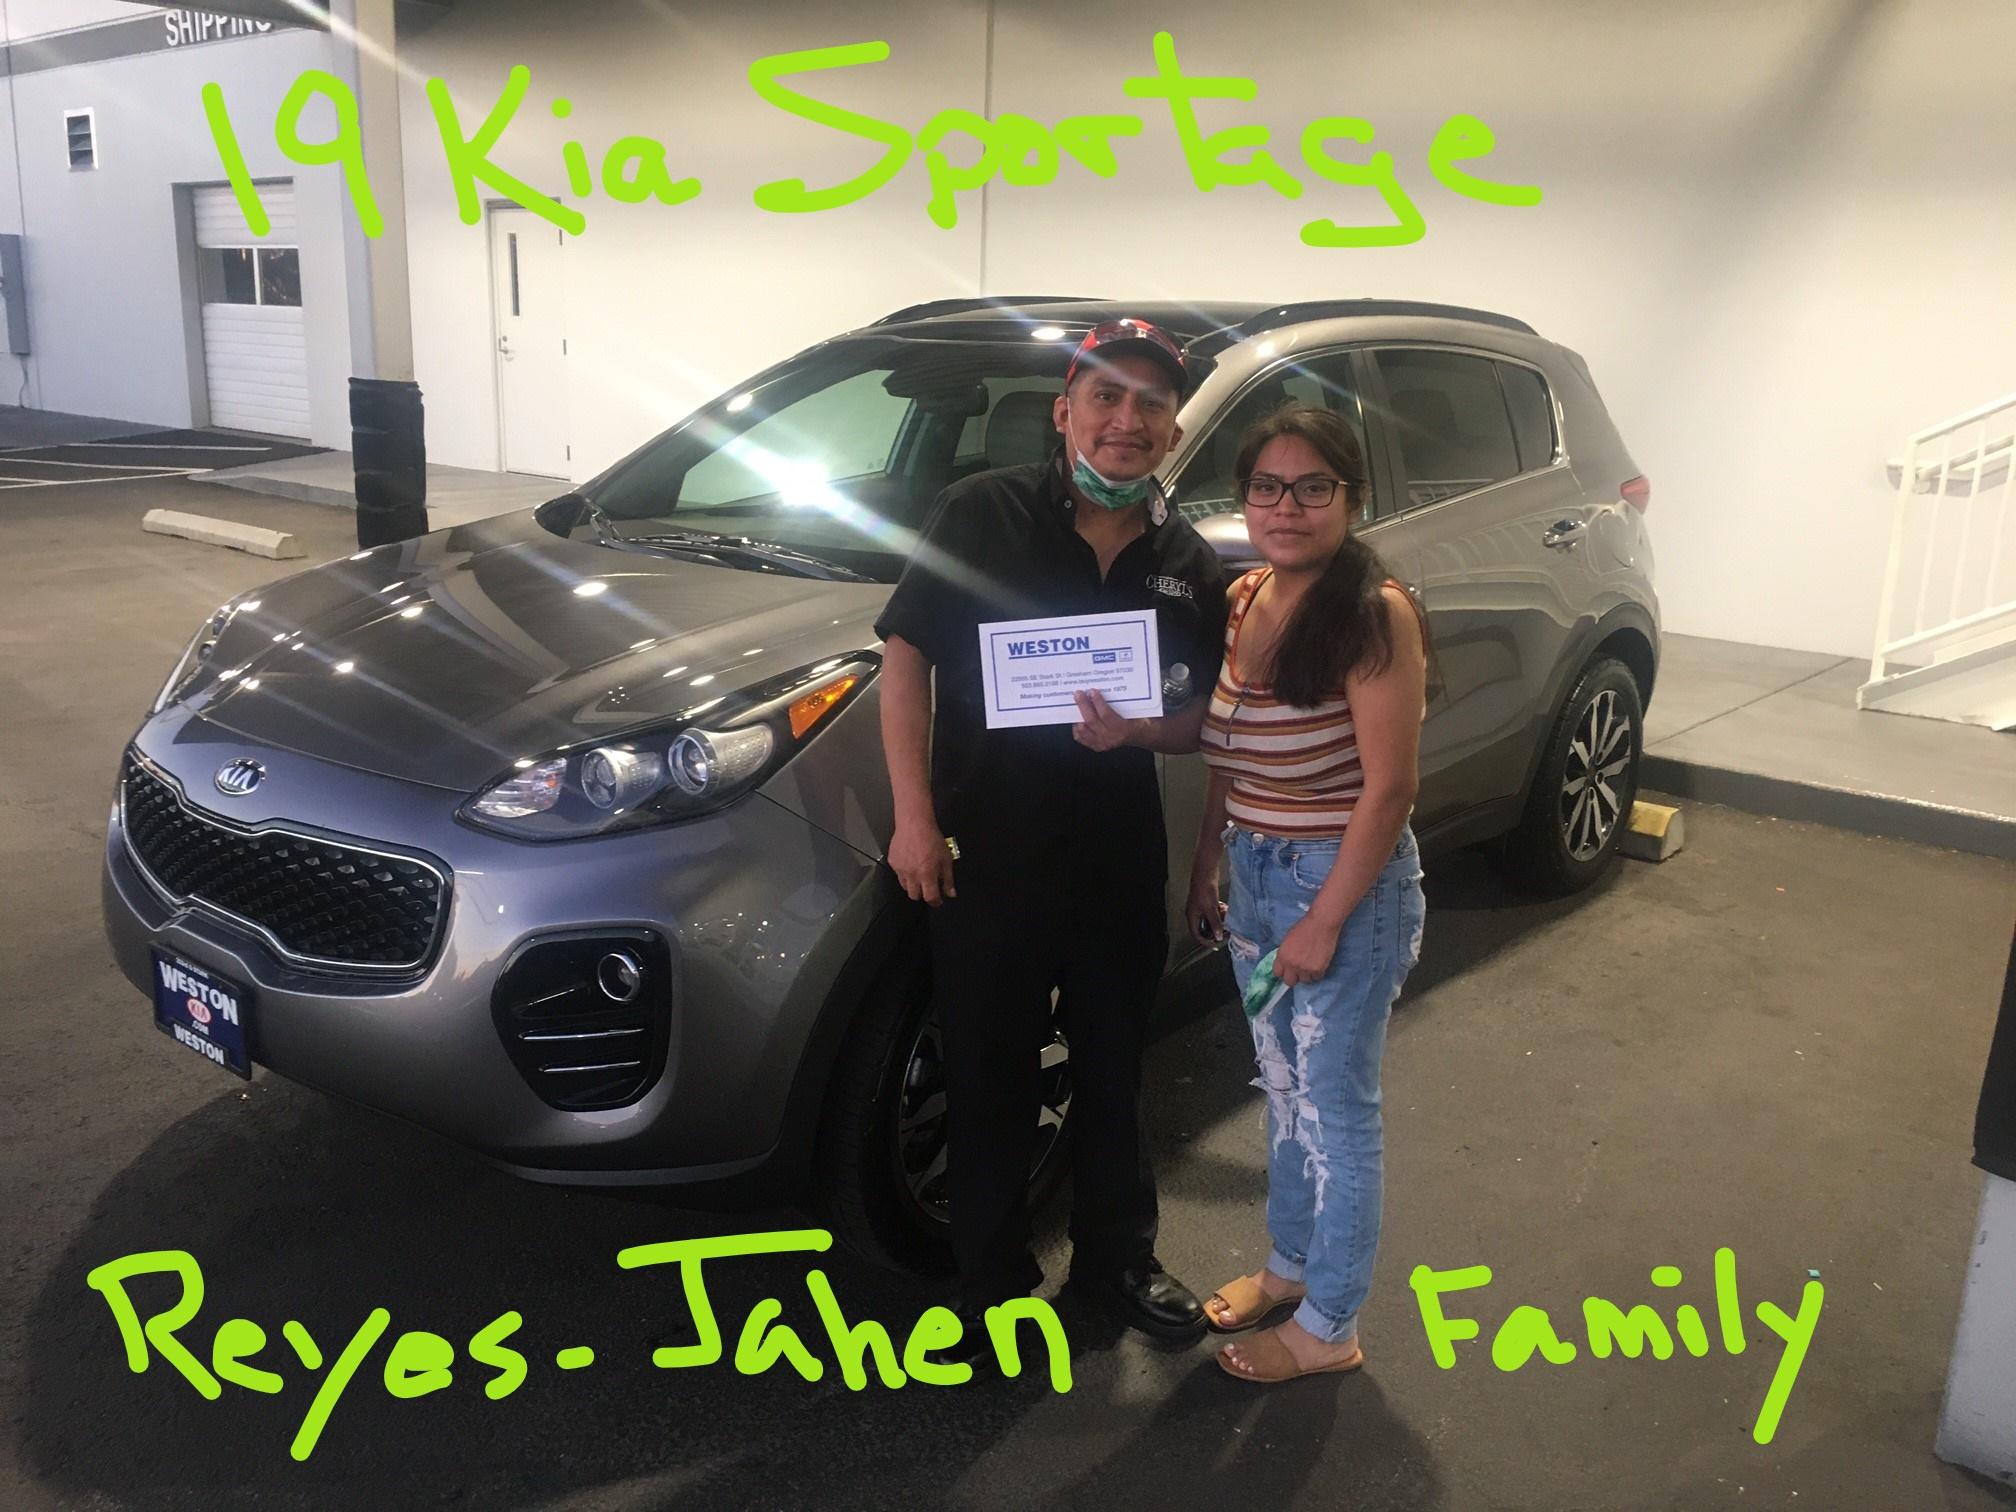 19 Kia Sportage Reyes Jahen Family